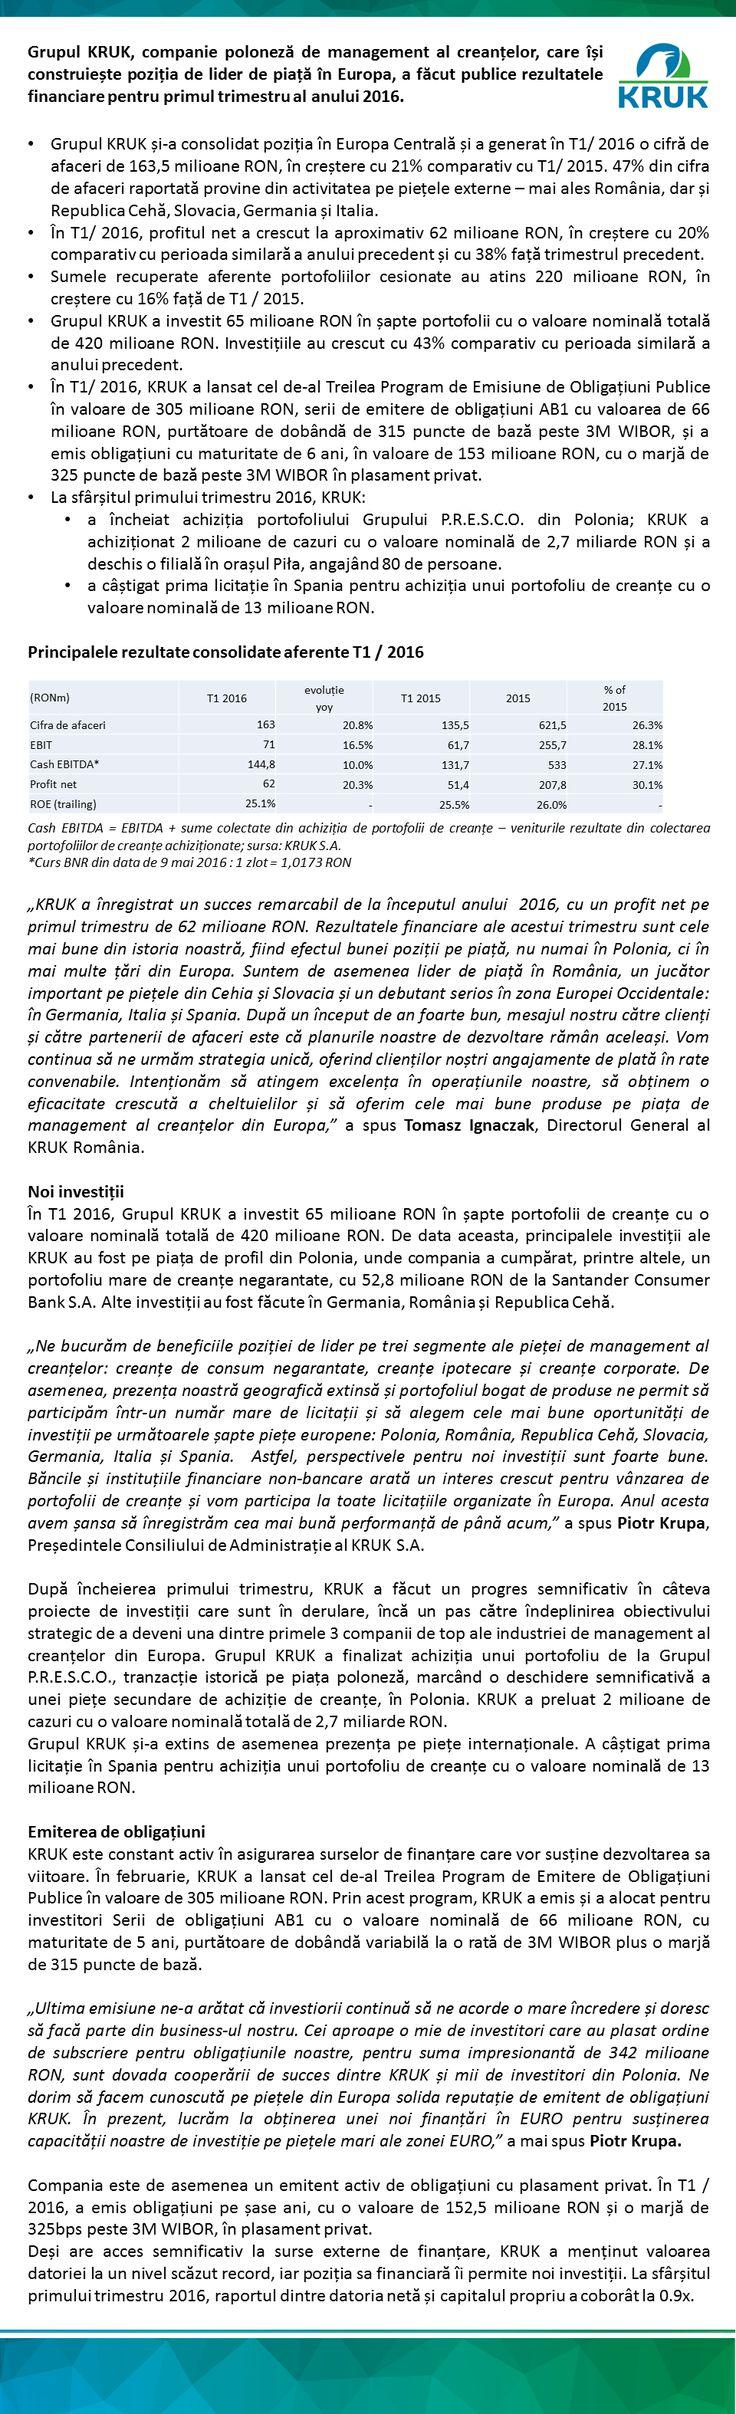 Mai multe detalii se pot obtine de aici: http://ro.kruk.eu/download/gfx/kruk/ro/defaultmultilistaplikow/47/53/1/grupul_kruk_raporteaza_un_profit_net_de_aproximativ_62_milioane_ron.docx